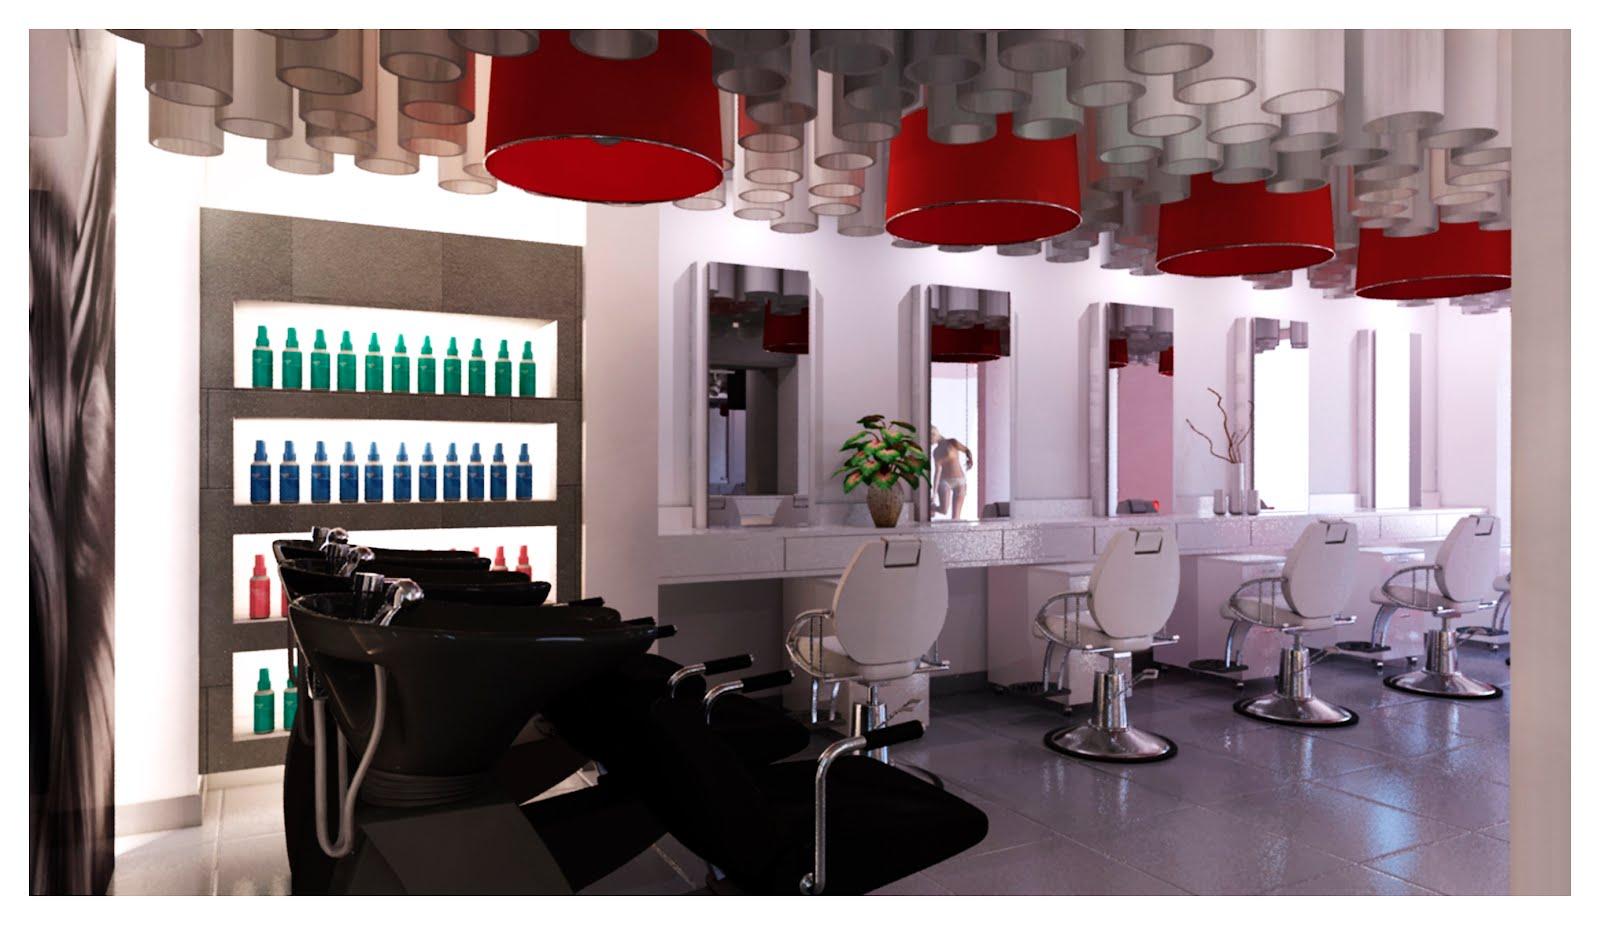 Salones de belleza cu les son los preferidos y por qu - Salones elegantes y modernos ...